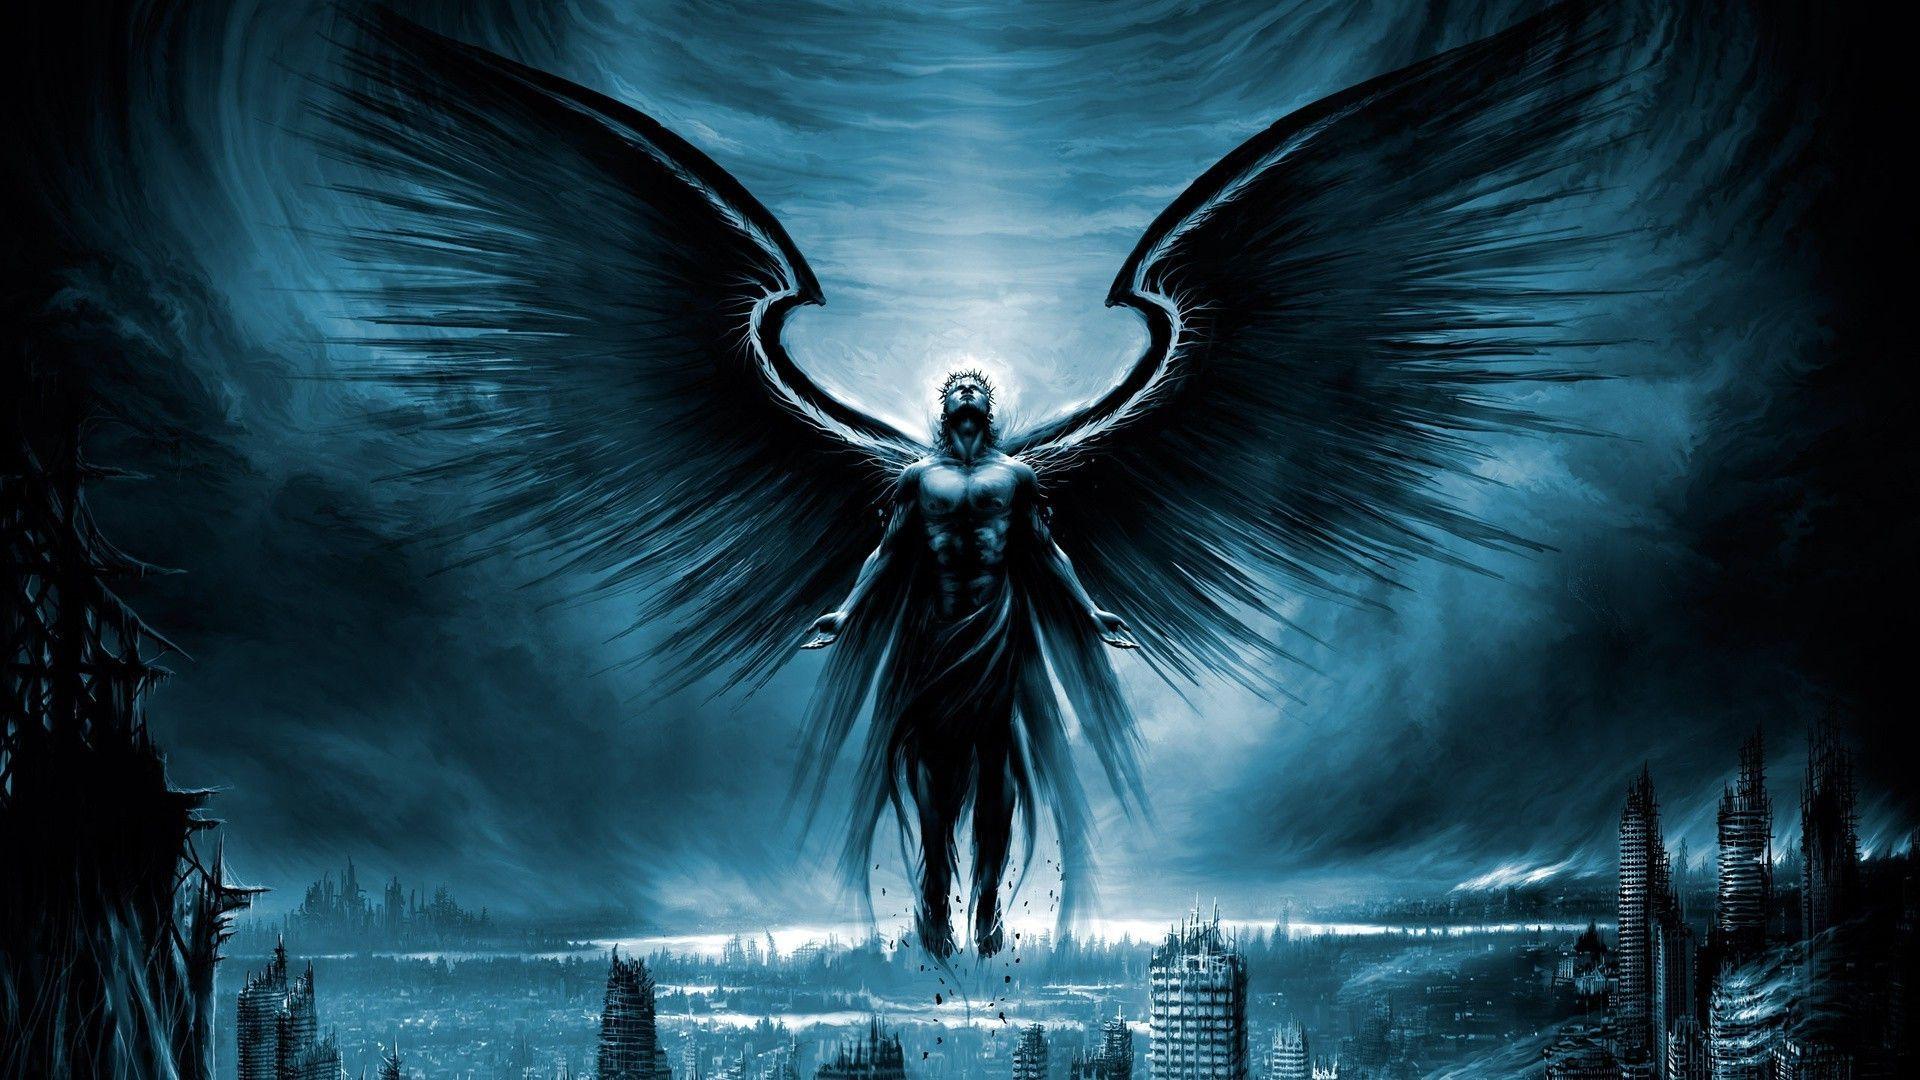 Fallen Black Angel